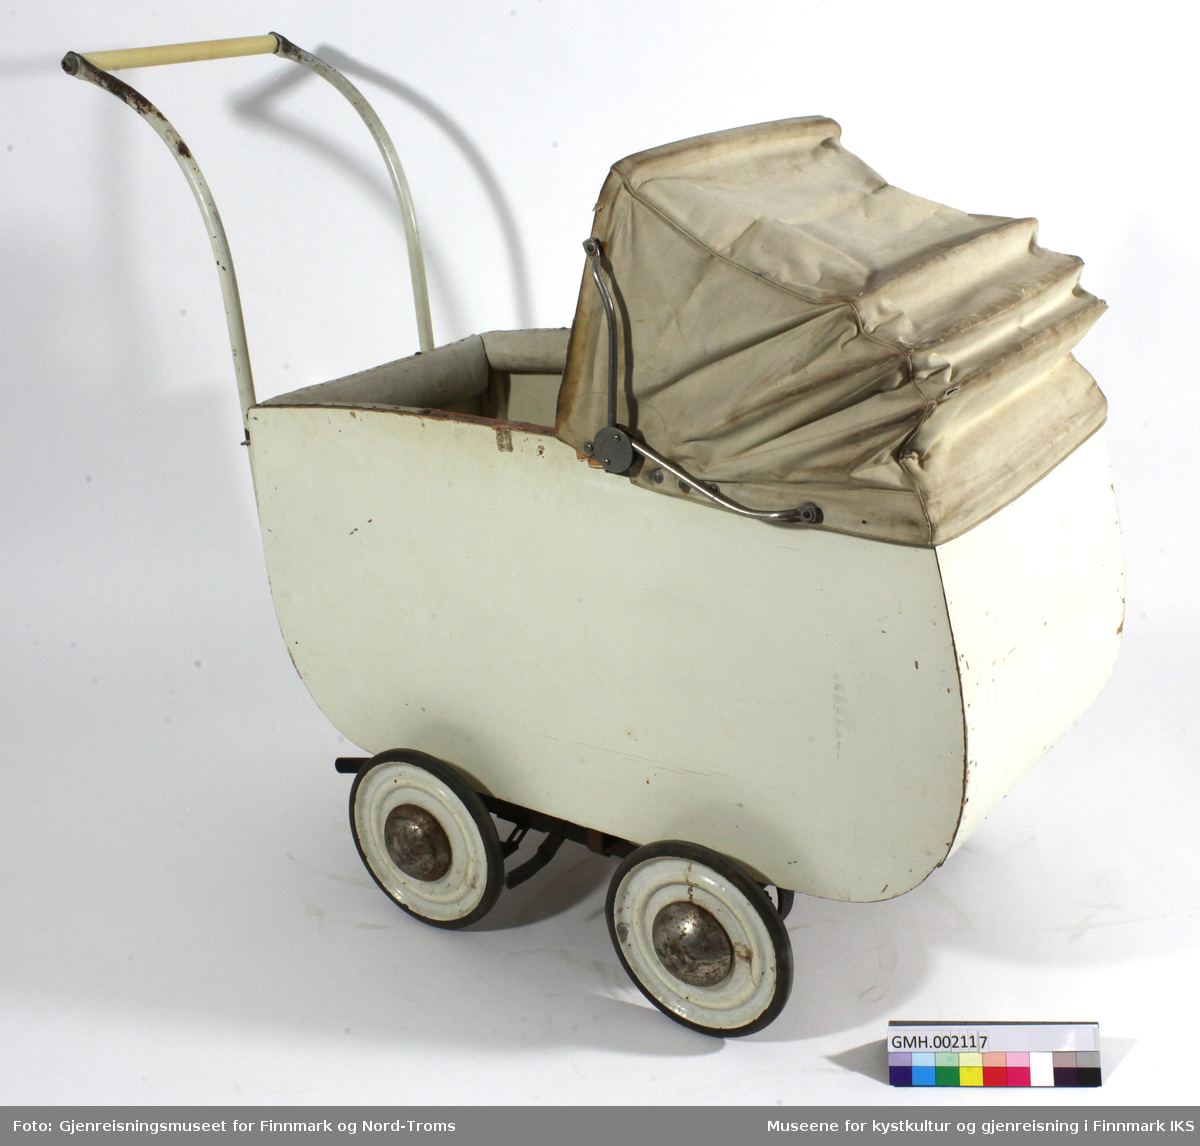 Barnevogna har en liggedel av tre og er malt hvit. Kalesjen er laget i hvit/beige kunstskinn. Liggedelen består av et treramme som er polstret og utkledd med hvit kunstskinn. Bunnen er av tre. Understellet er av metall og har en bremsehendel nede. Selve håndtaket er av plast i gul farge.